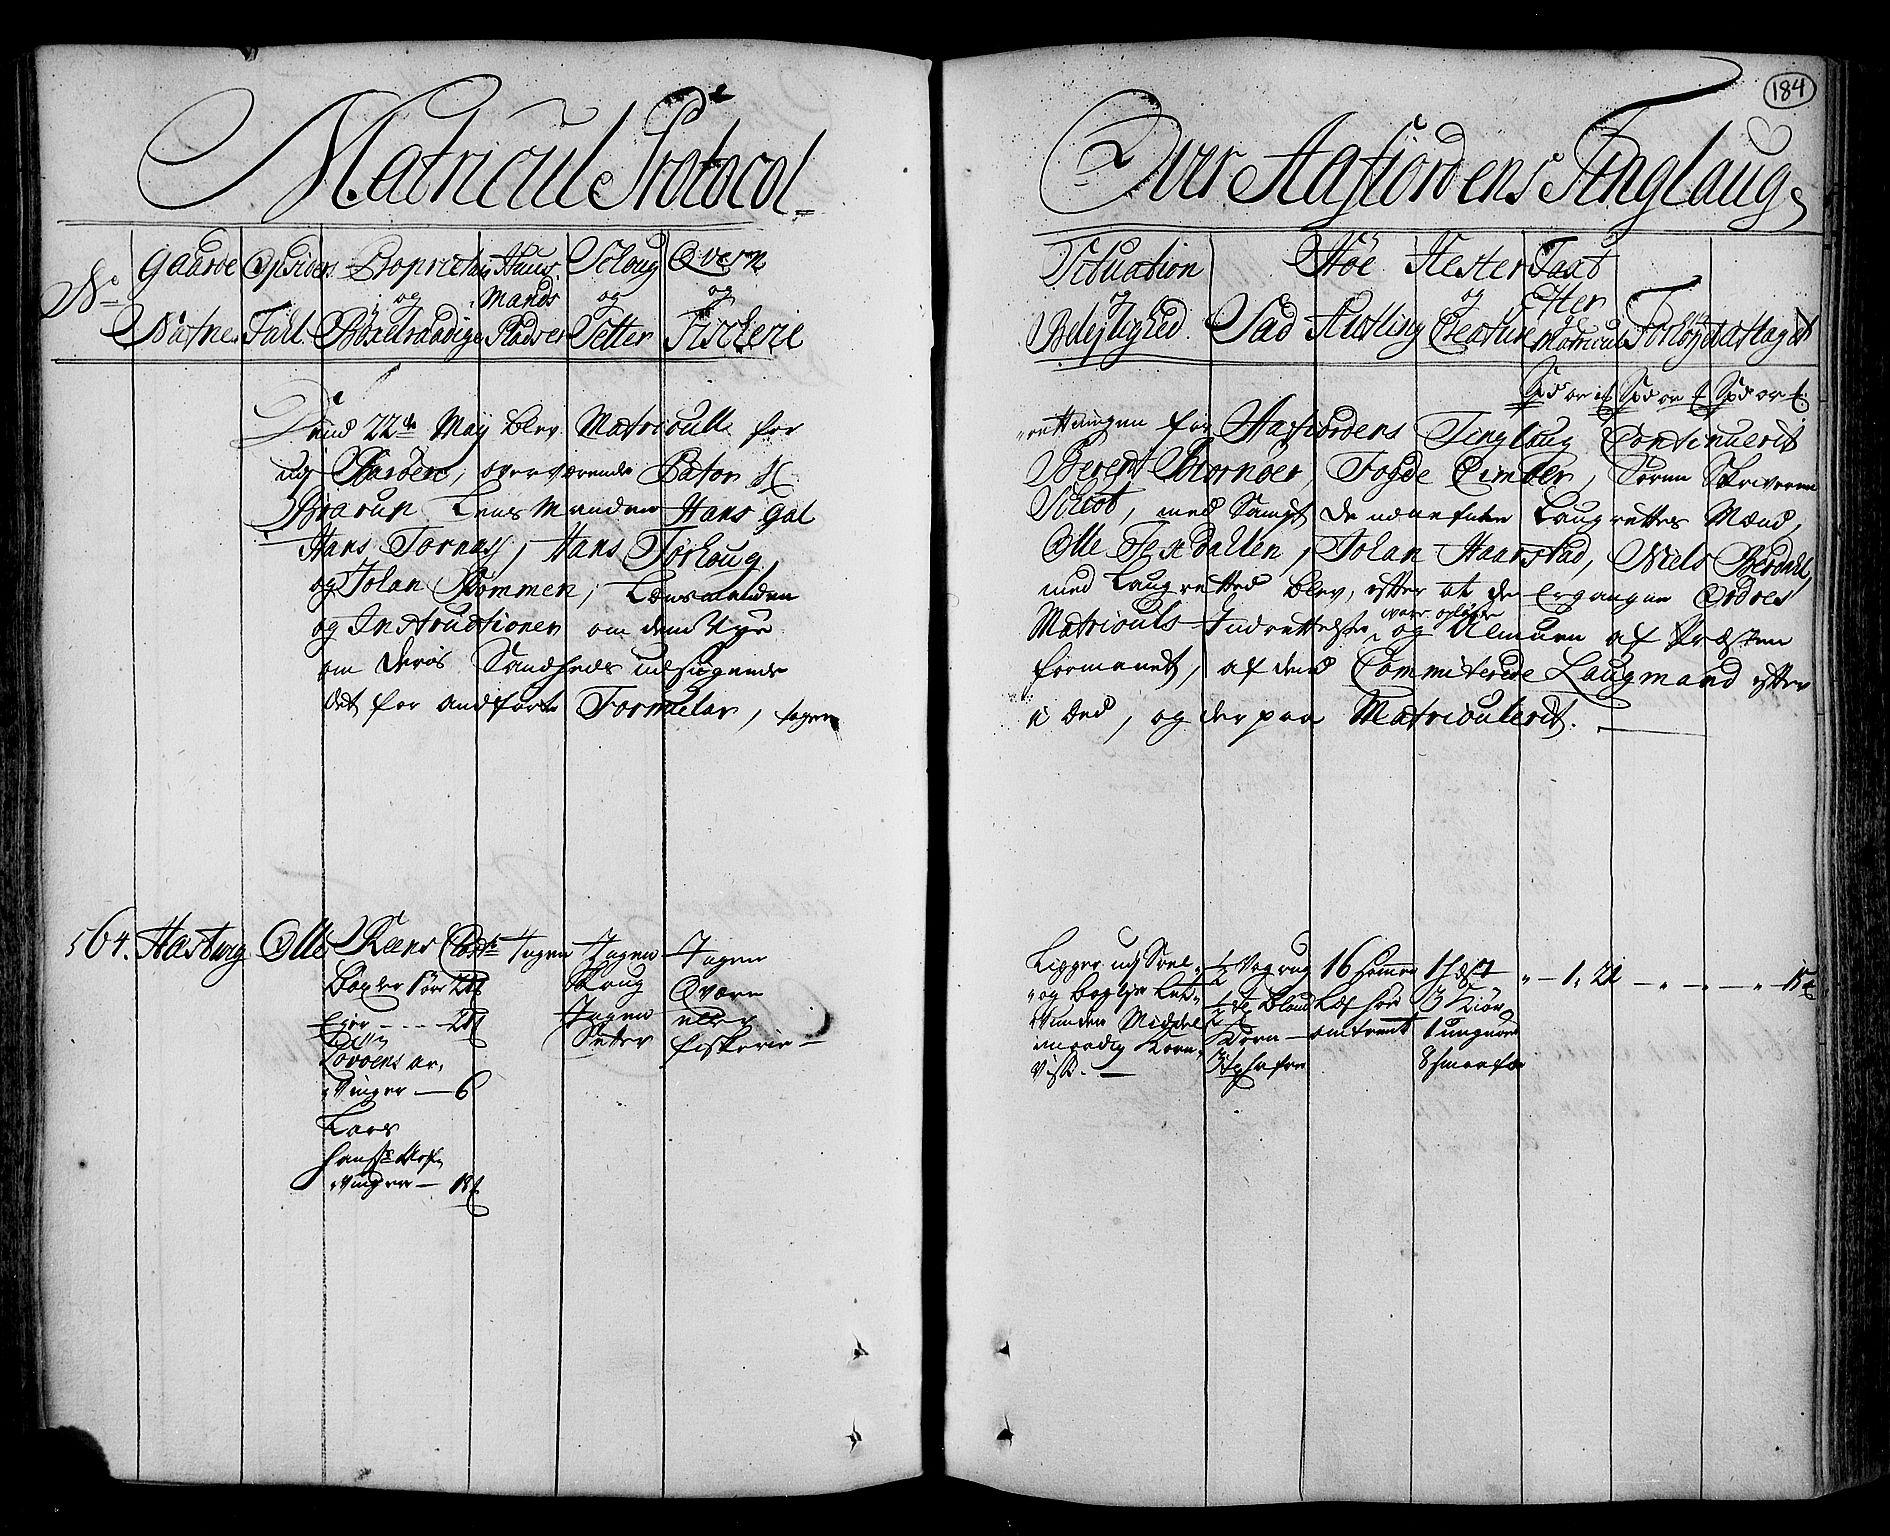 RA, Rentekammeret inntil 1814, Realistisk ordnet avdeling, N/Nb/Nbf/L0162: Fosen eksaminasjonsprotokoll, 1723, s. 183b-184a